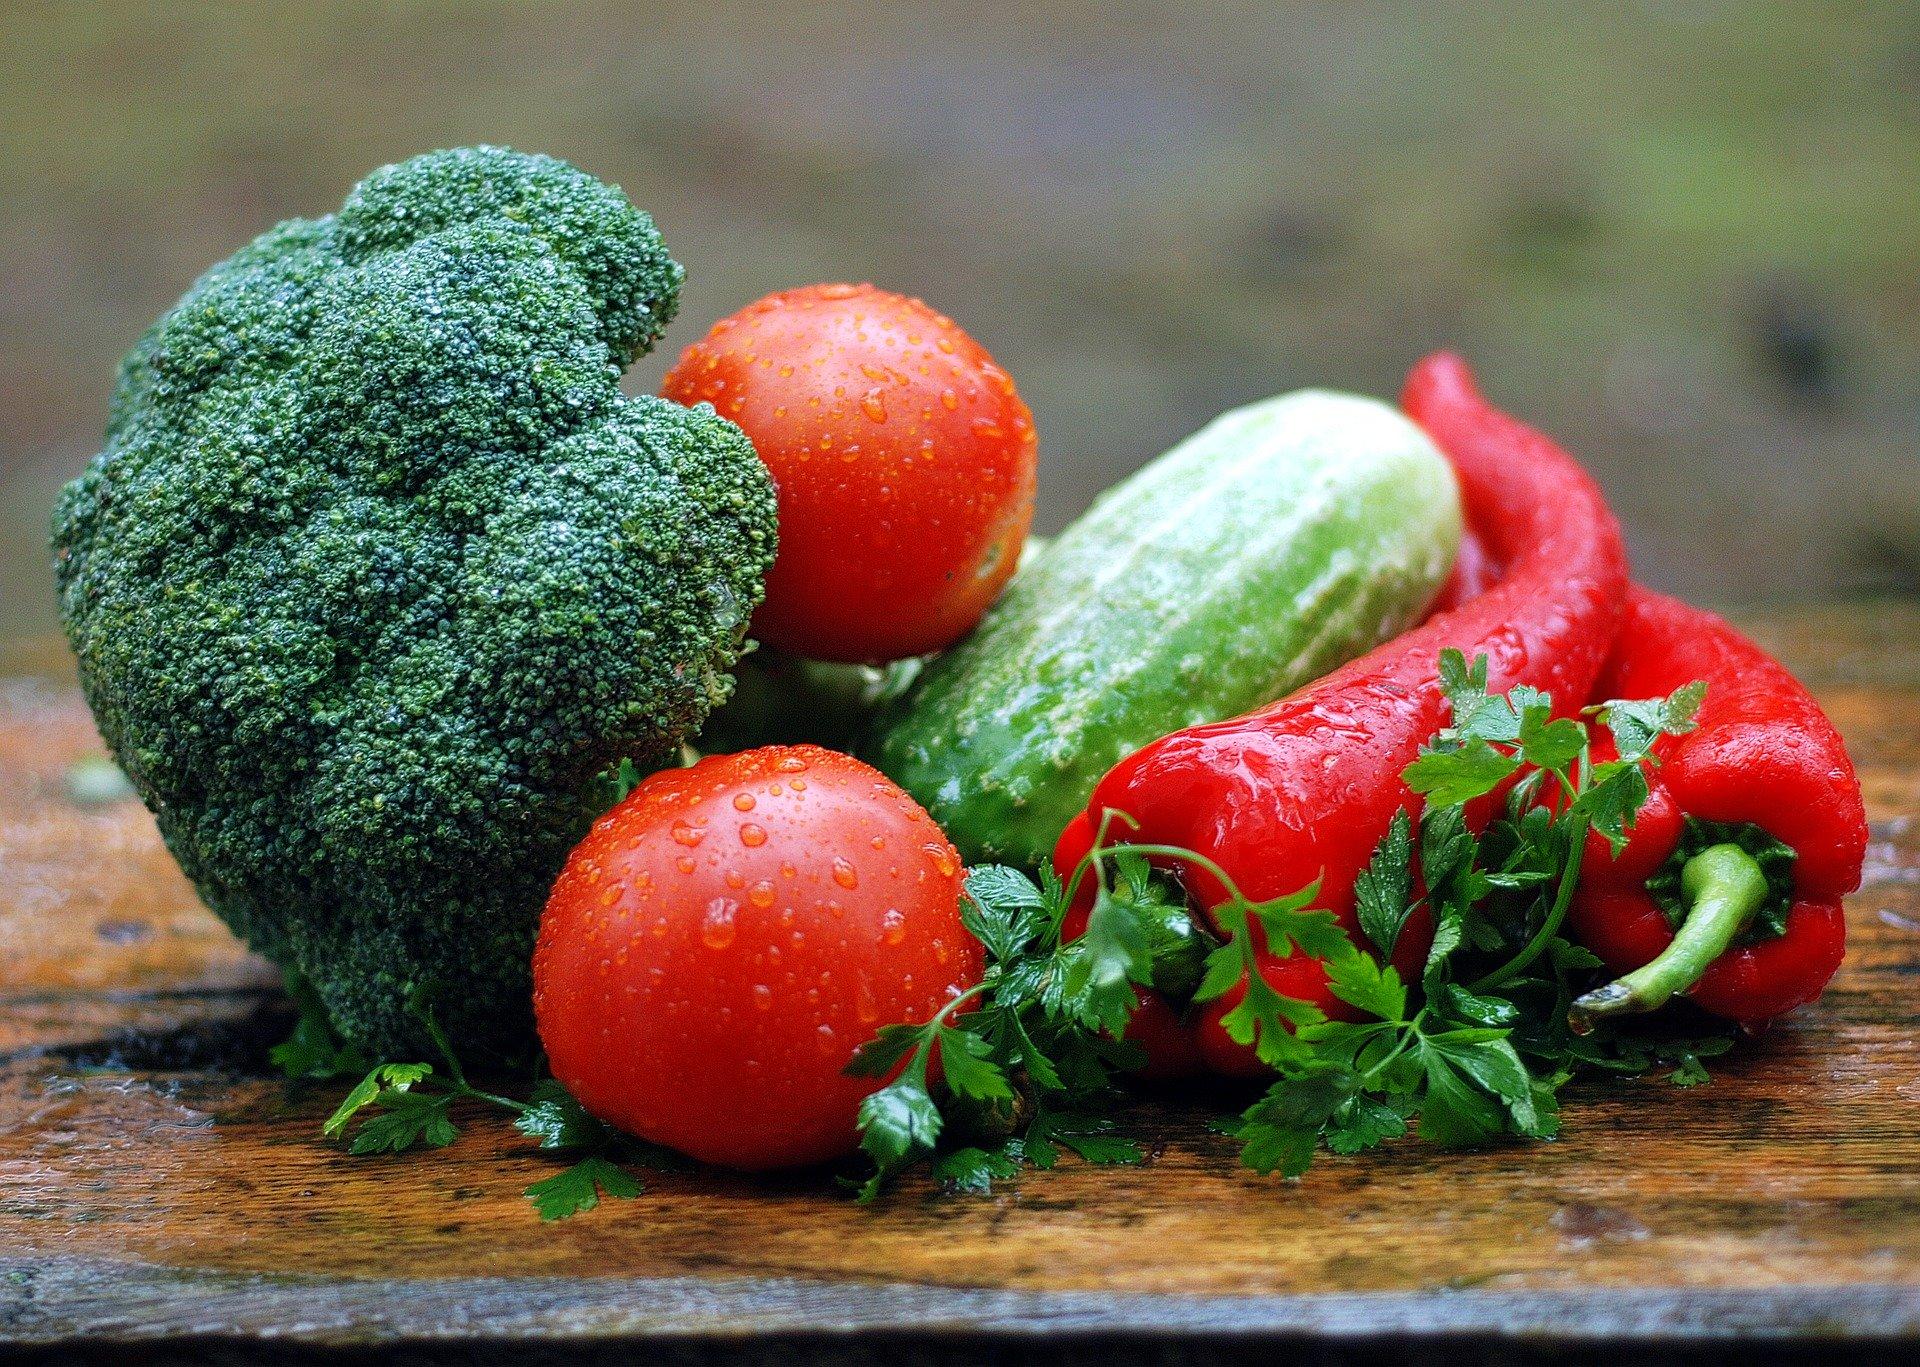 Immune Boosting Fruits And Veggies